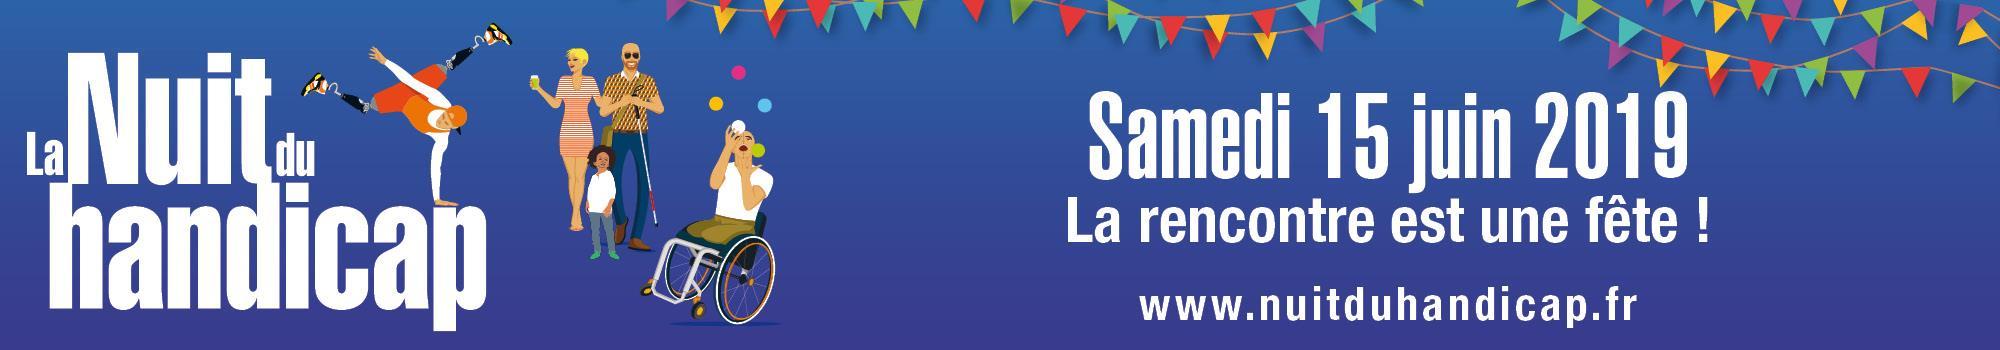 La Nuit du handicap 2019 - Clichy - LA NUIT DU HANDICAP